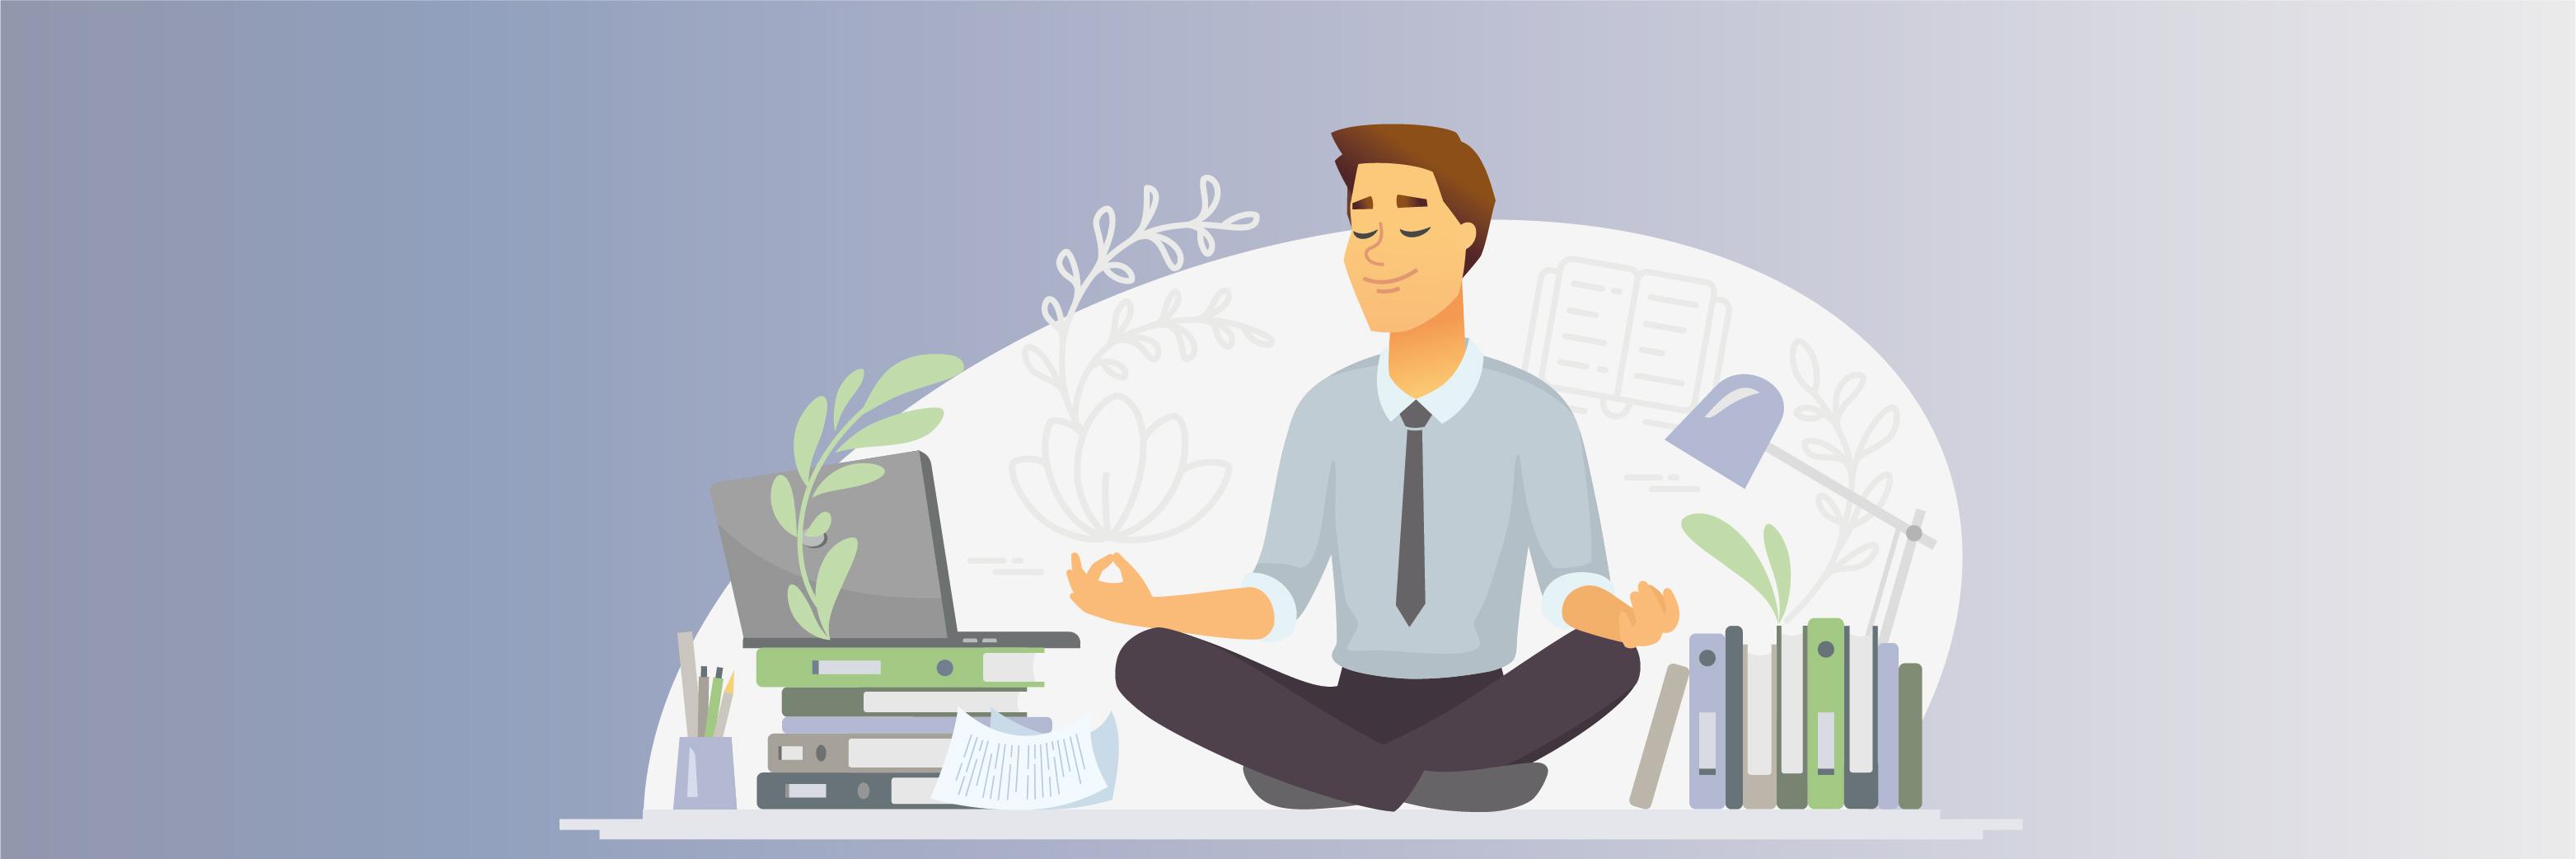 6 طرق فعّالة وسهلة لتدريب نفسك على اليقظة الذهنية